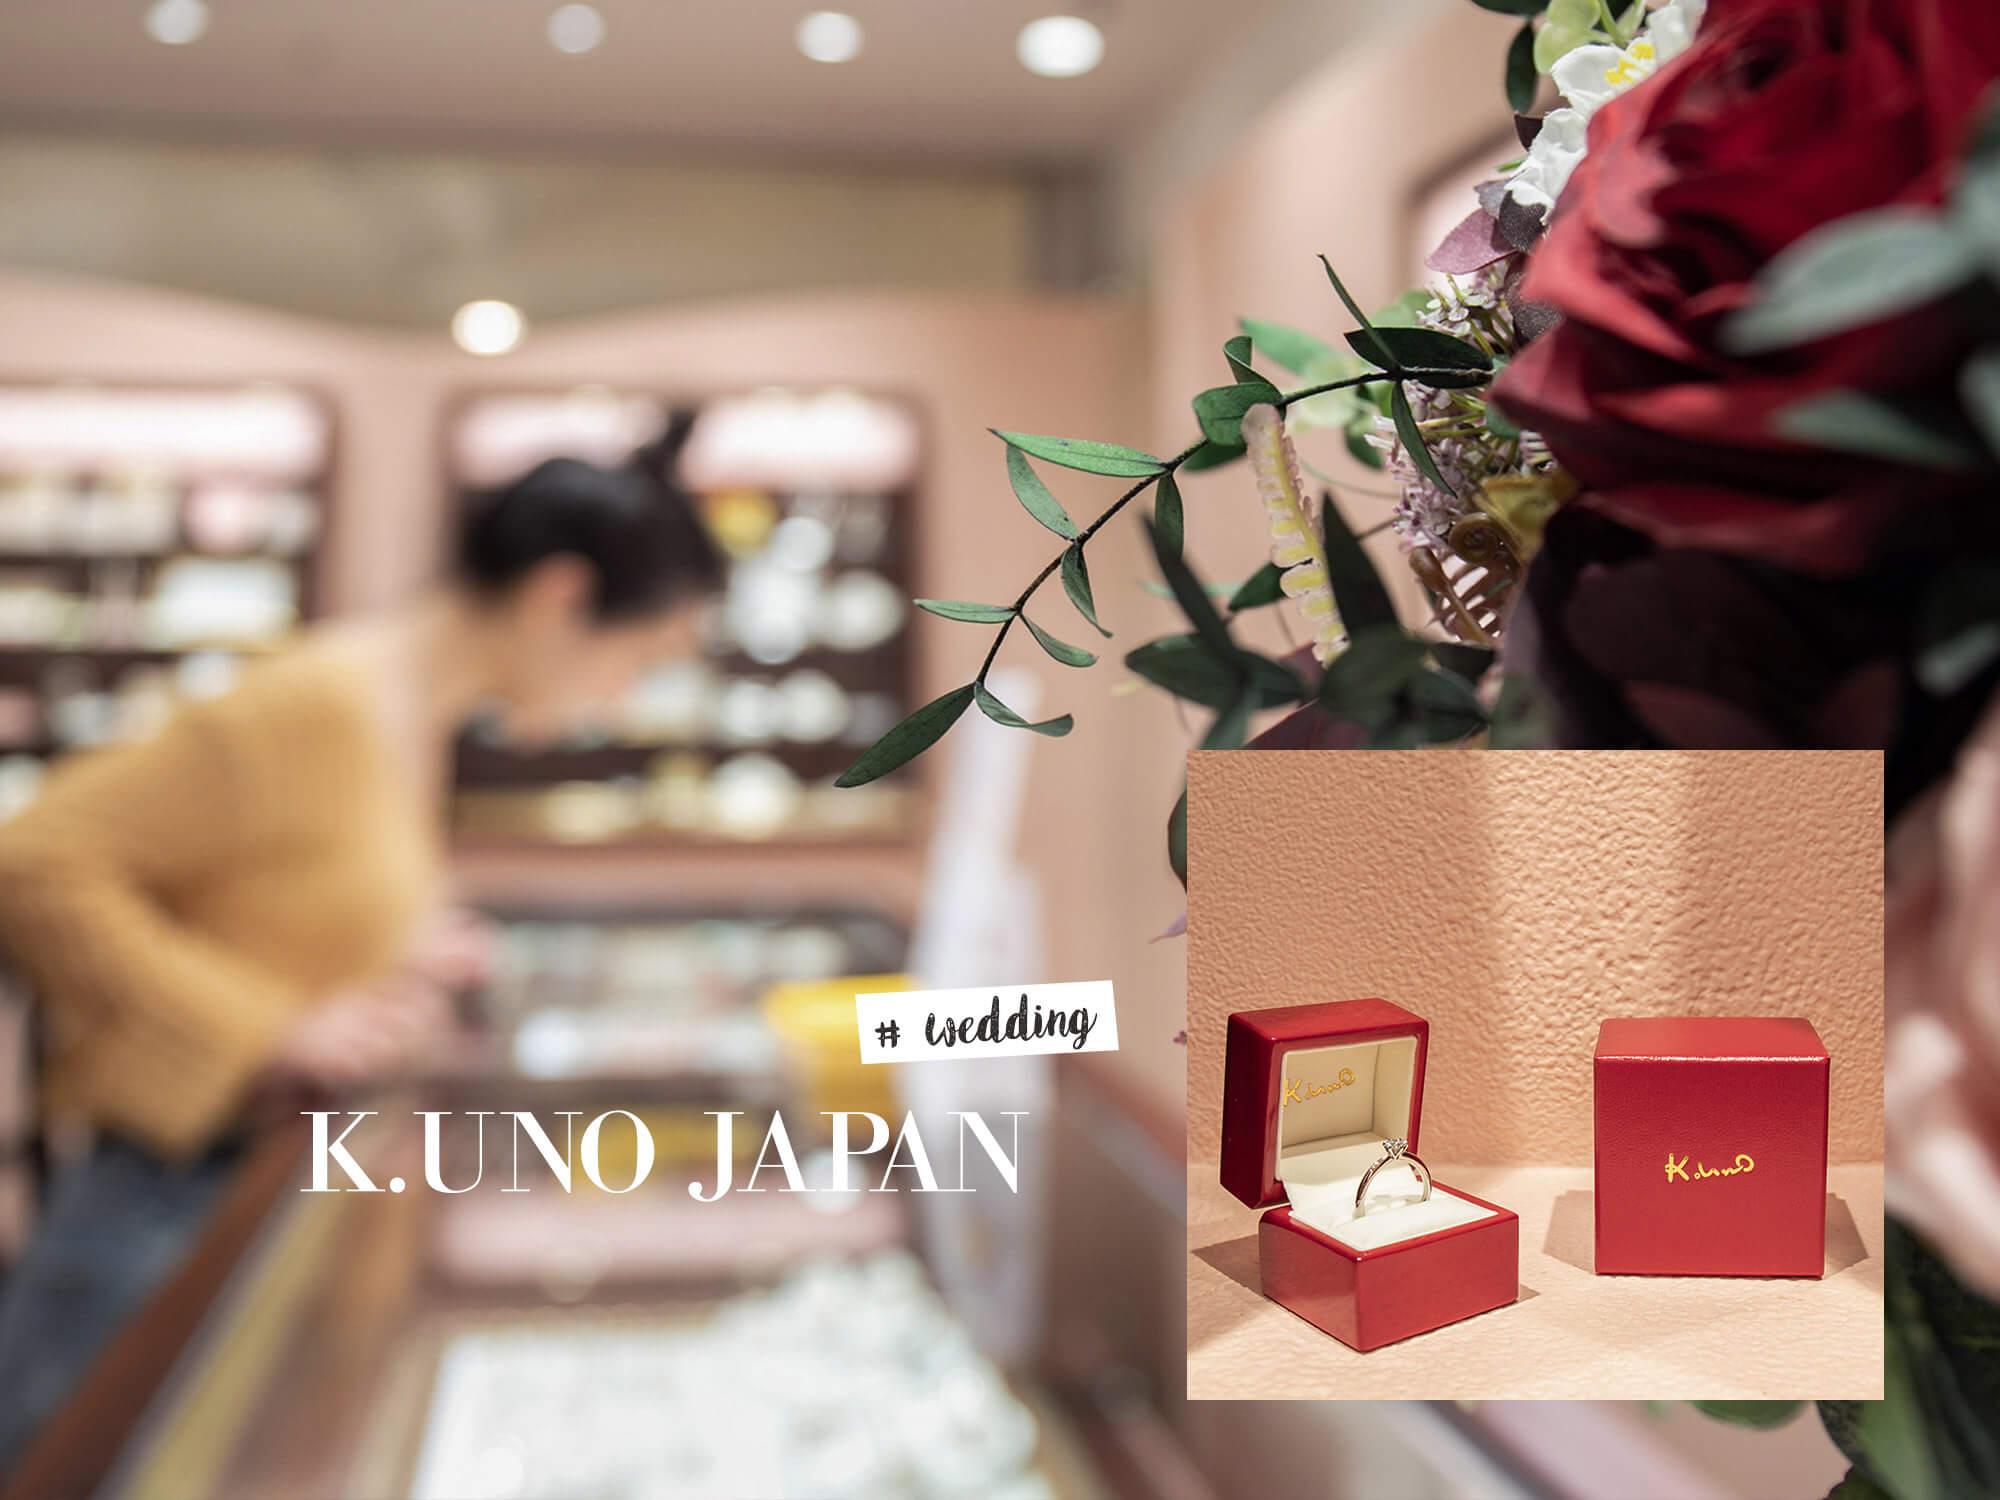 K.UNO JAPAN婚戒/對戒| 婚戒也能獨一無二?來自日本名古屋的人氣客製珠寶,創意訂製屬於兩人的專屬婚戒!